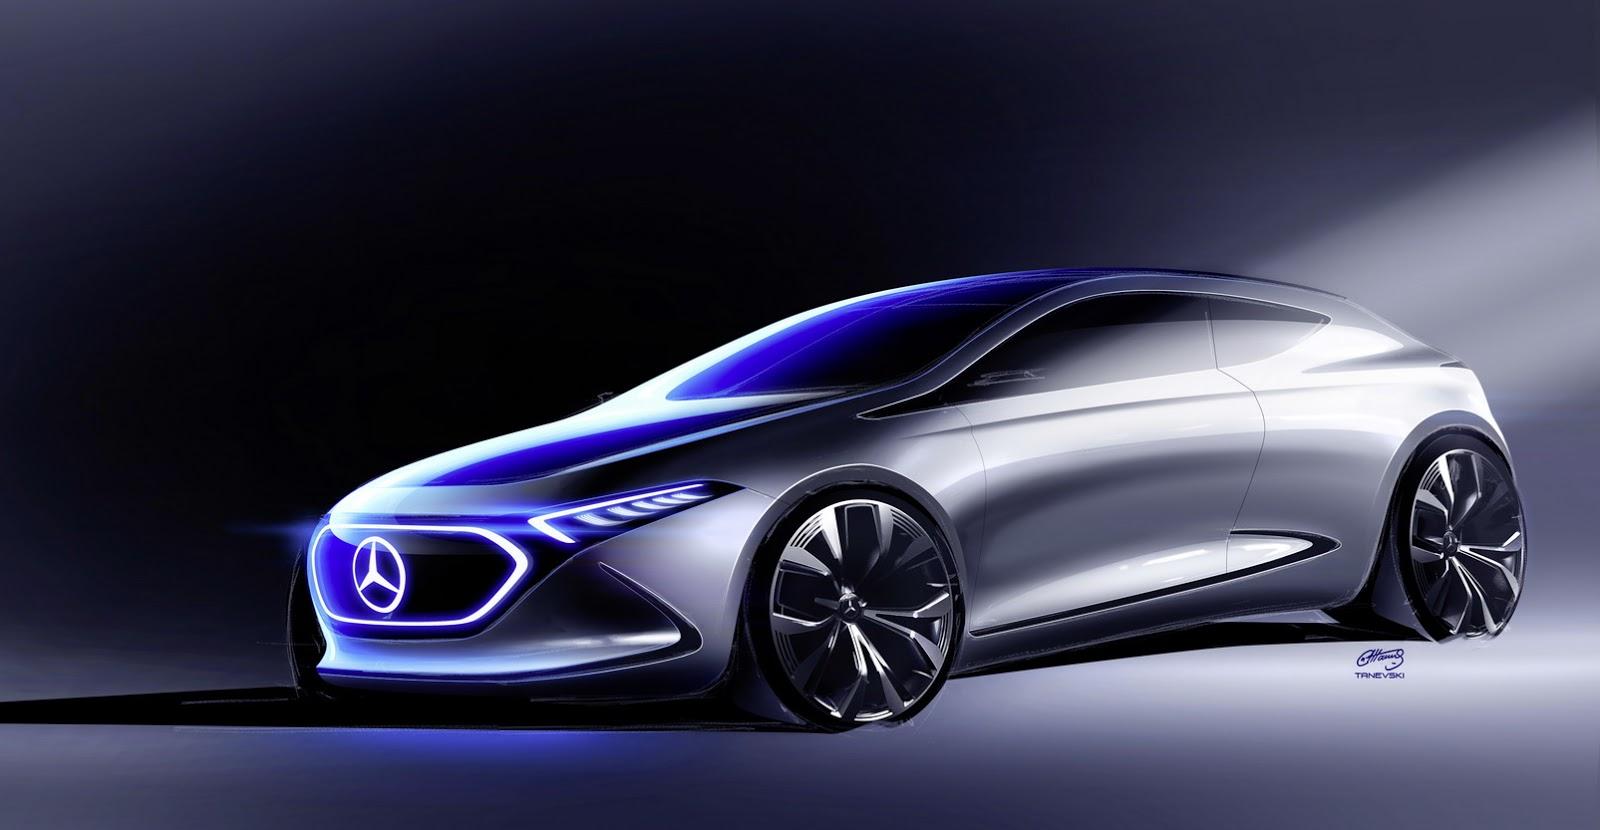 mercedes-eqa-concept-unveiled-10